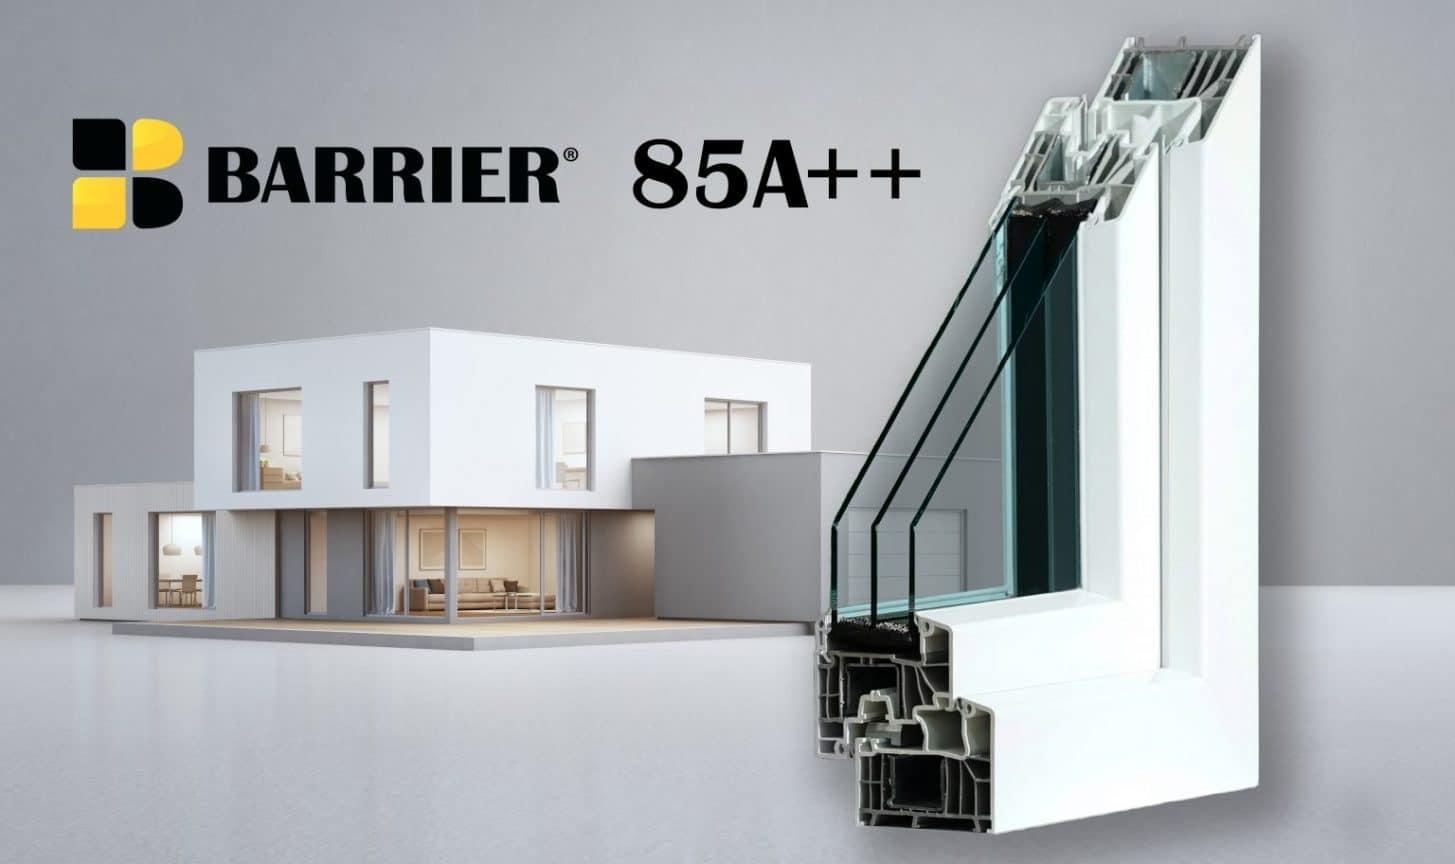 Barrier 85A++